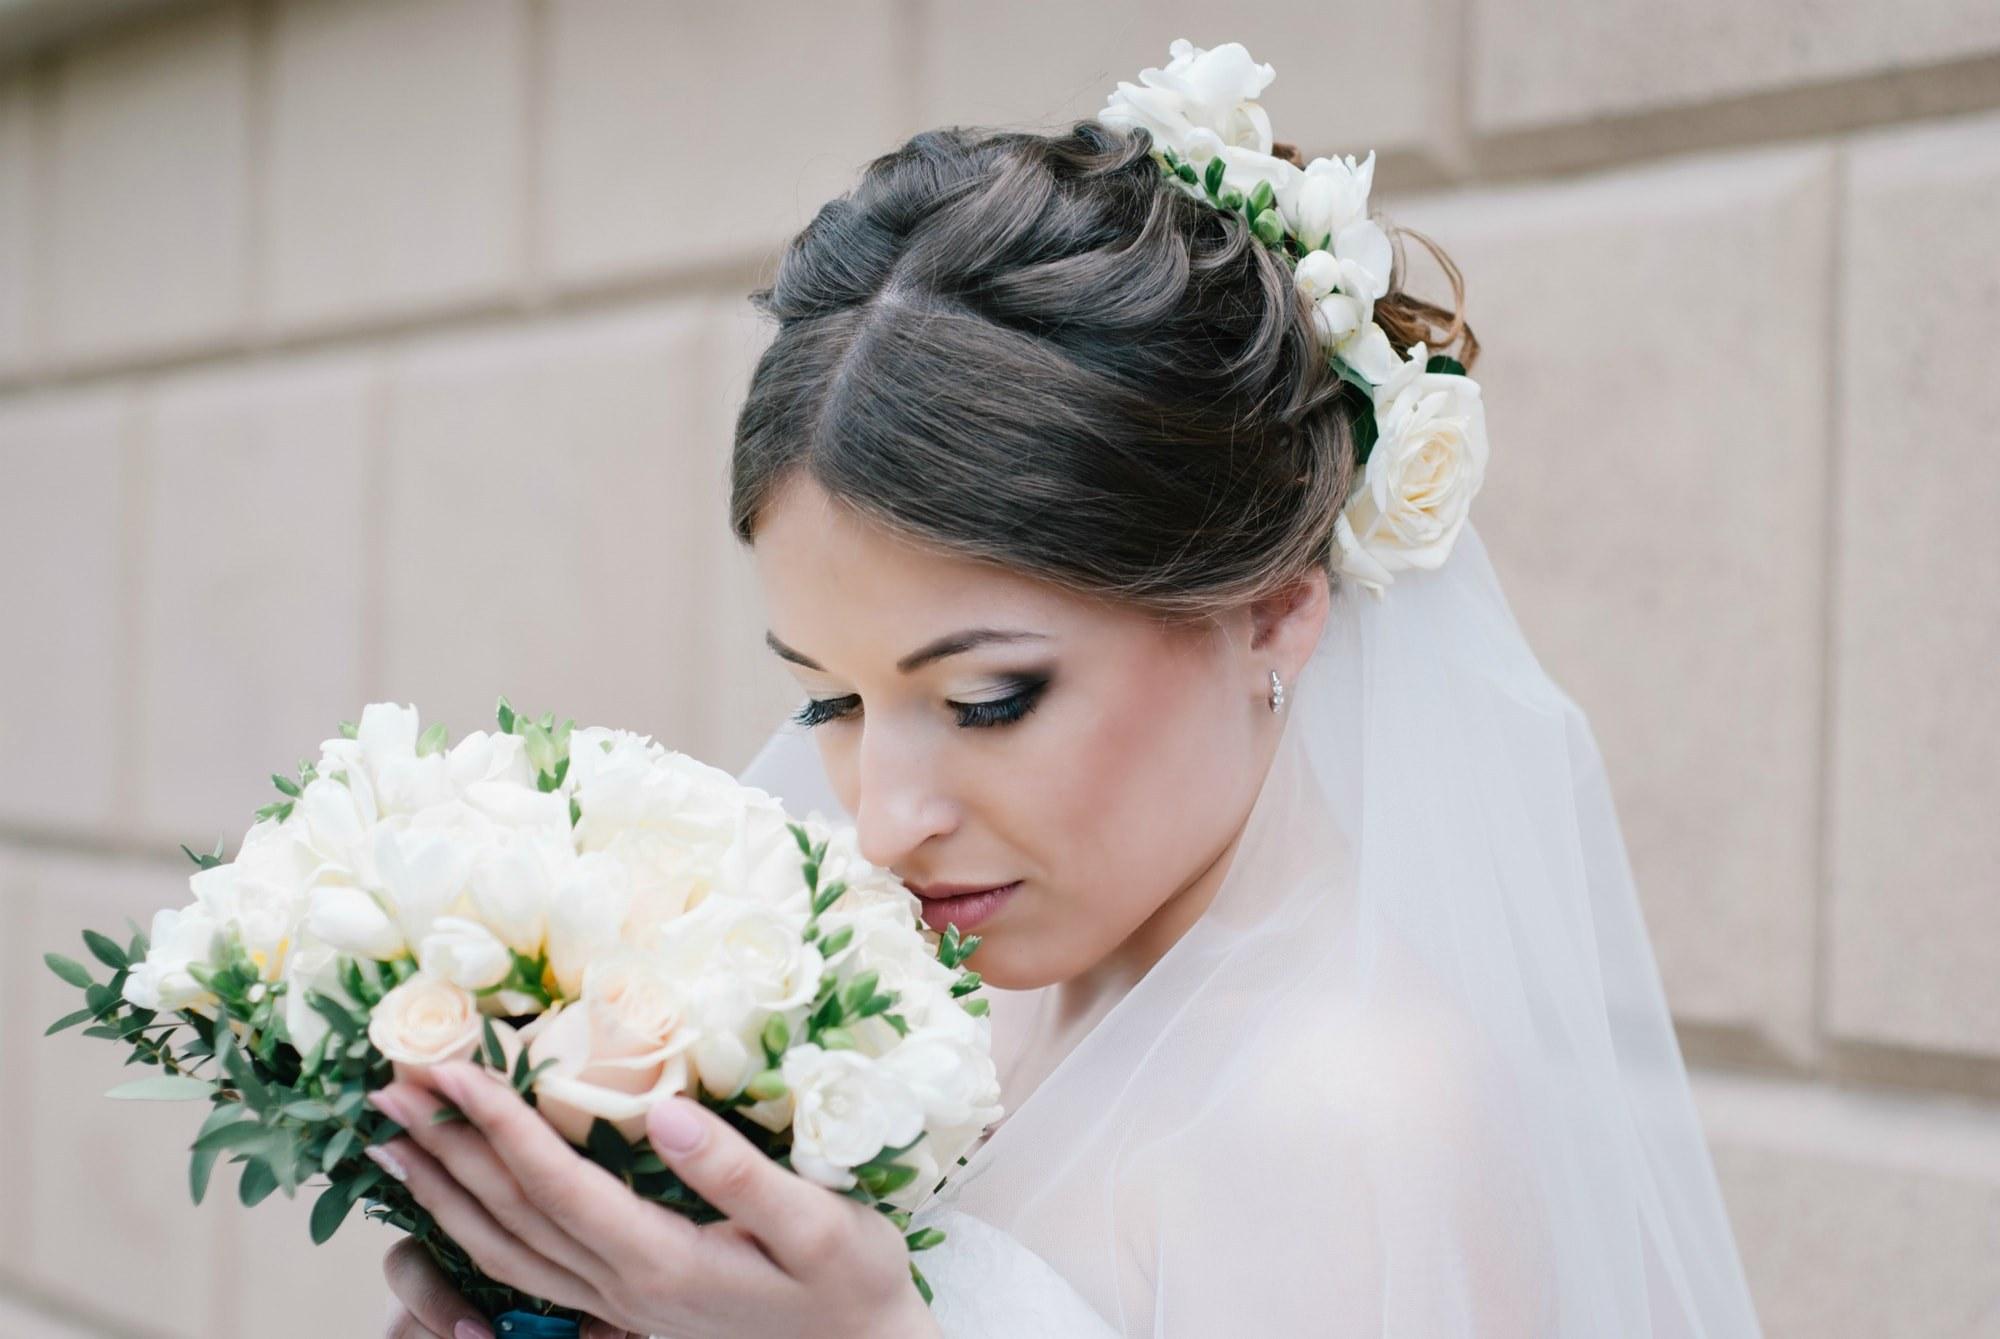 Невеста нюхает свой букет - Фотограф Киев - Женя Лайт